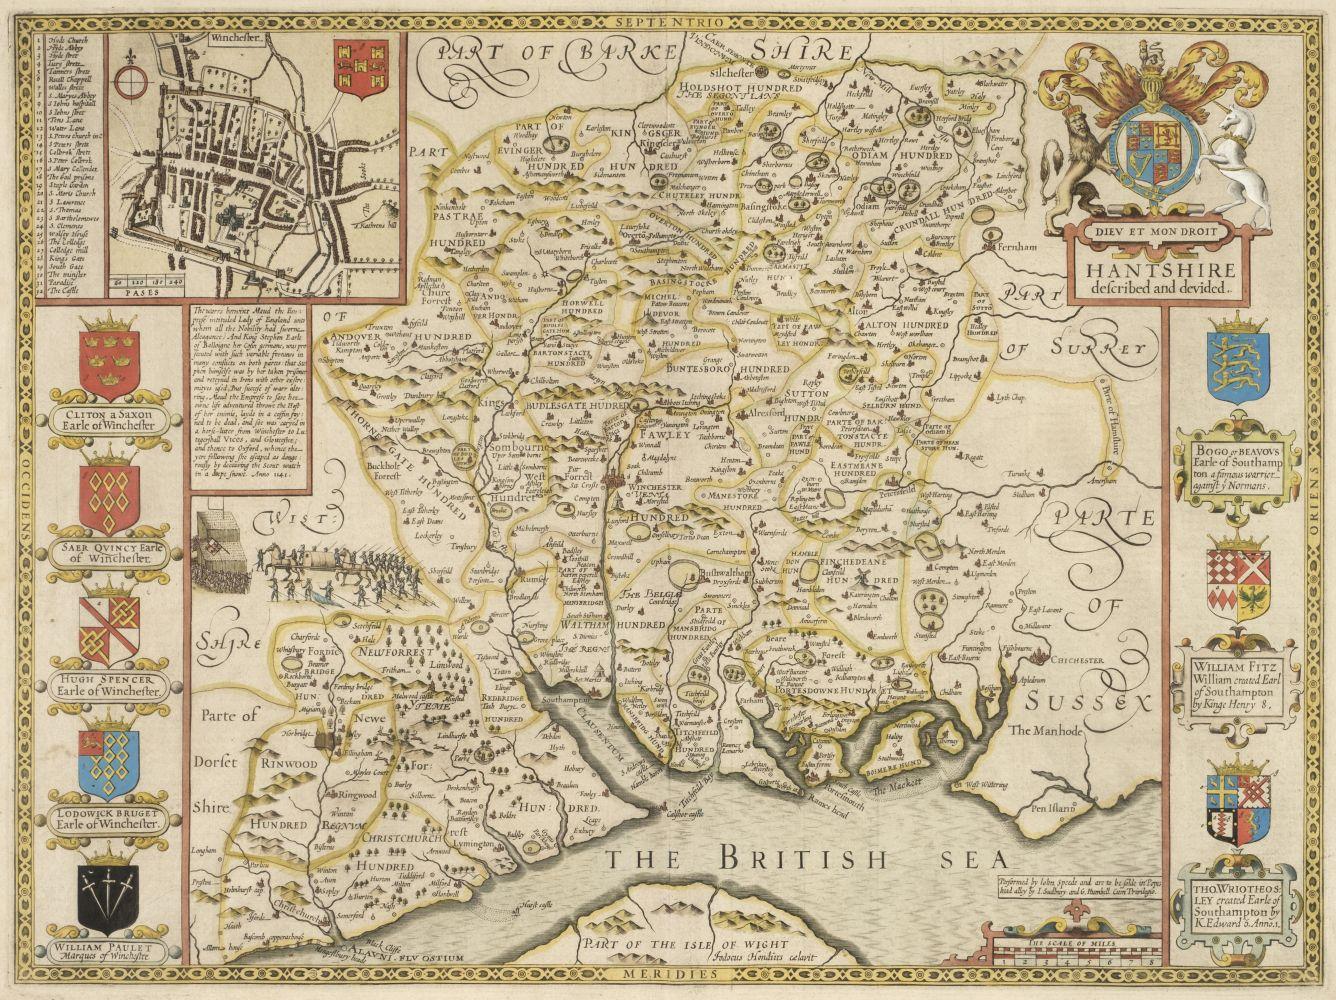 * Hampshire. Speed (John), Hantshire described and devided, circa 1627